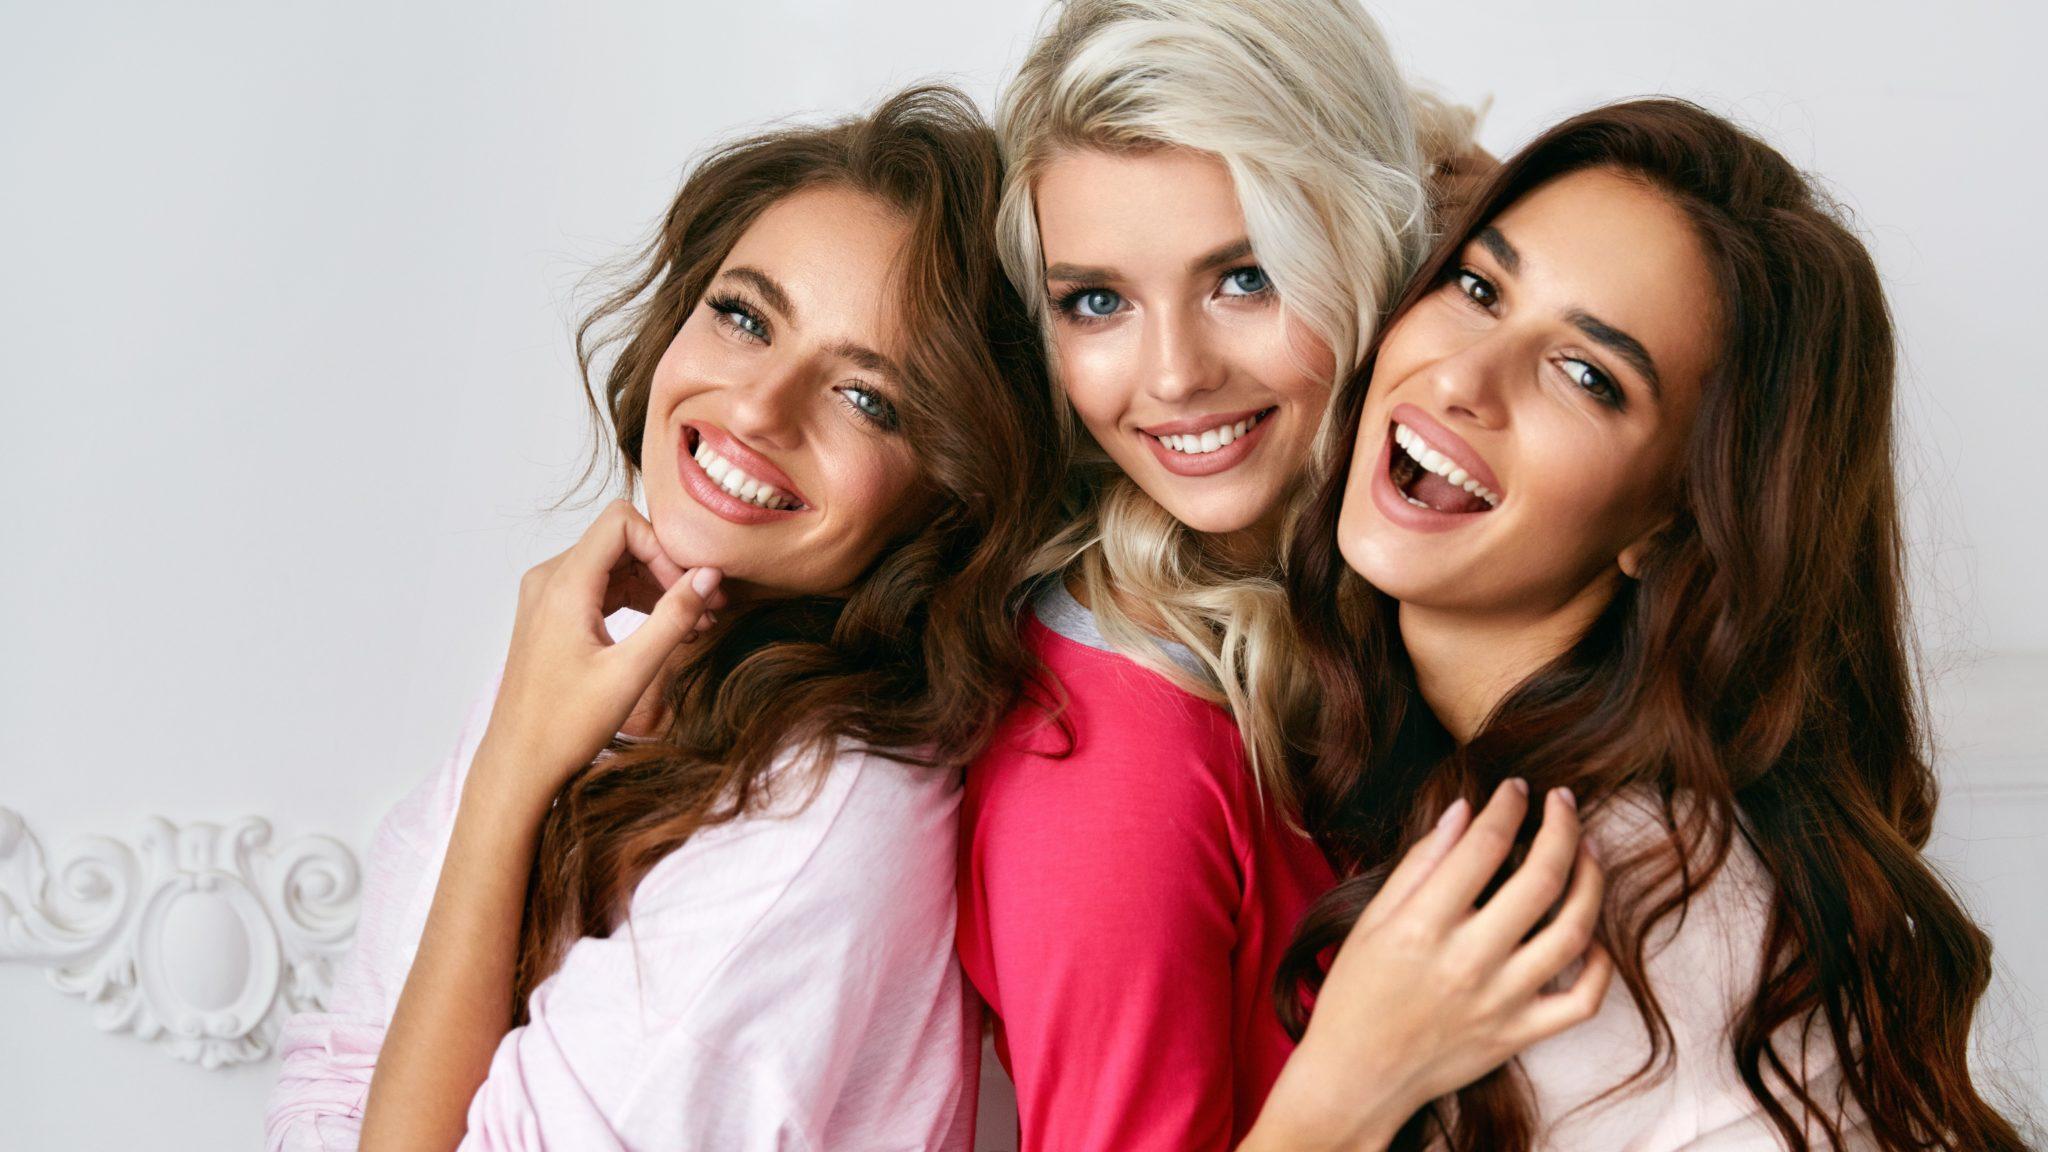 Drei junge Frauen mit Extensions